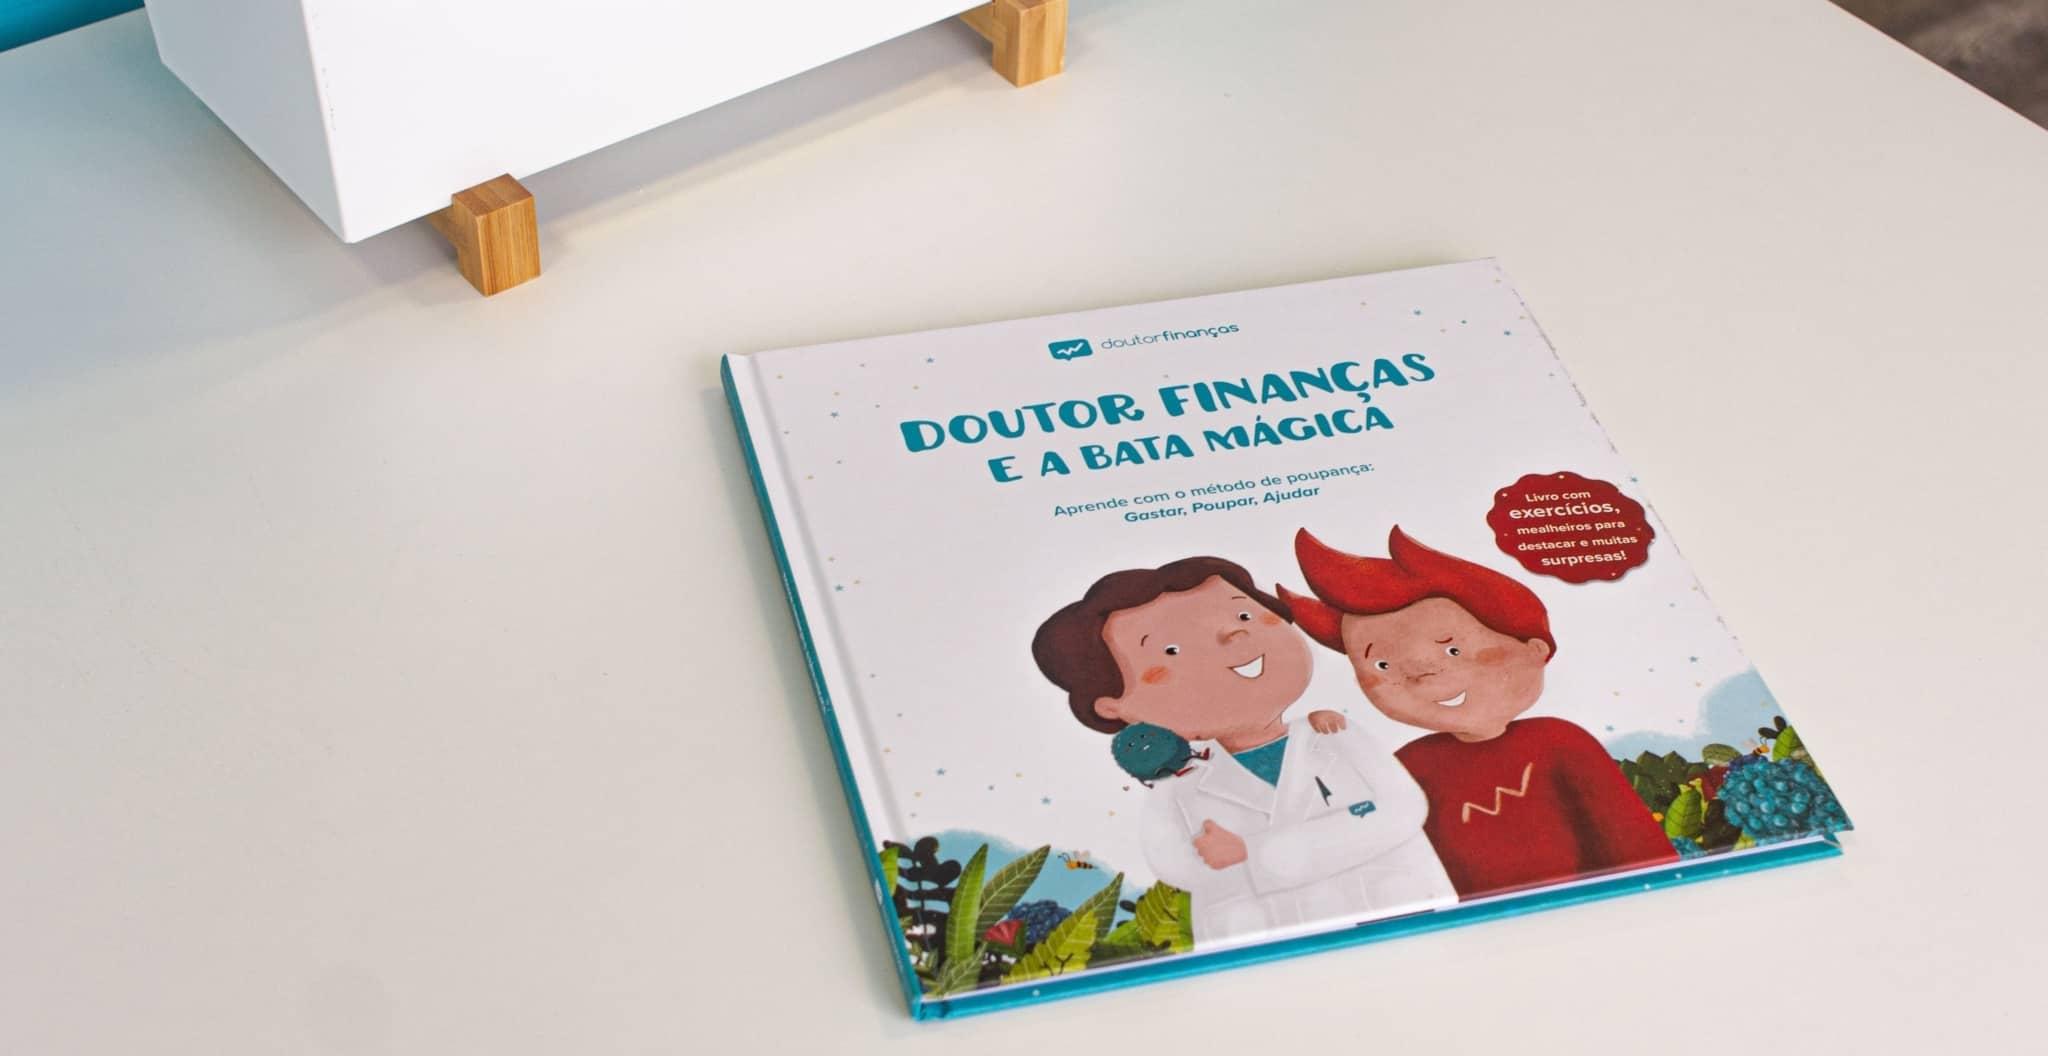 Livro Doutor Finanças